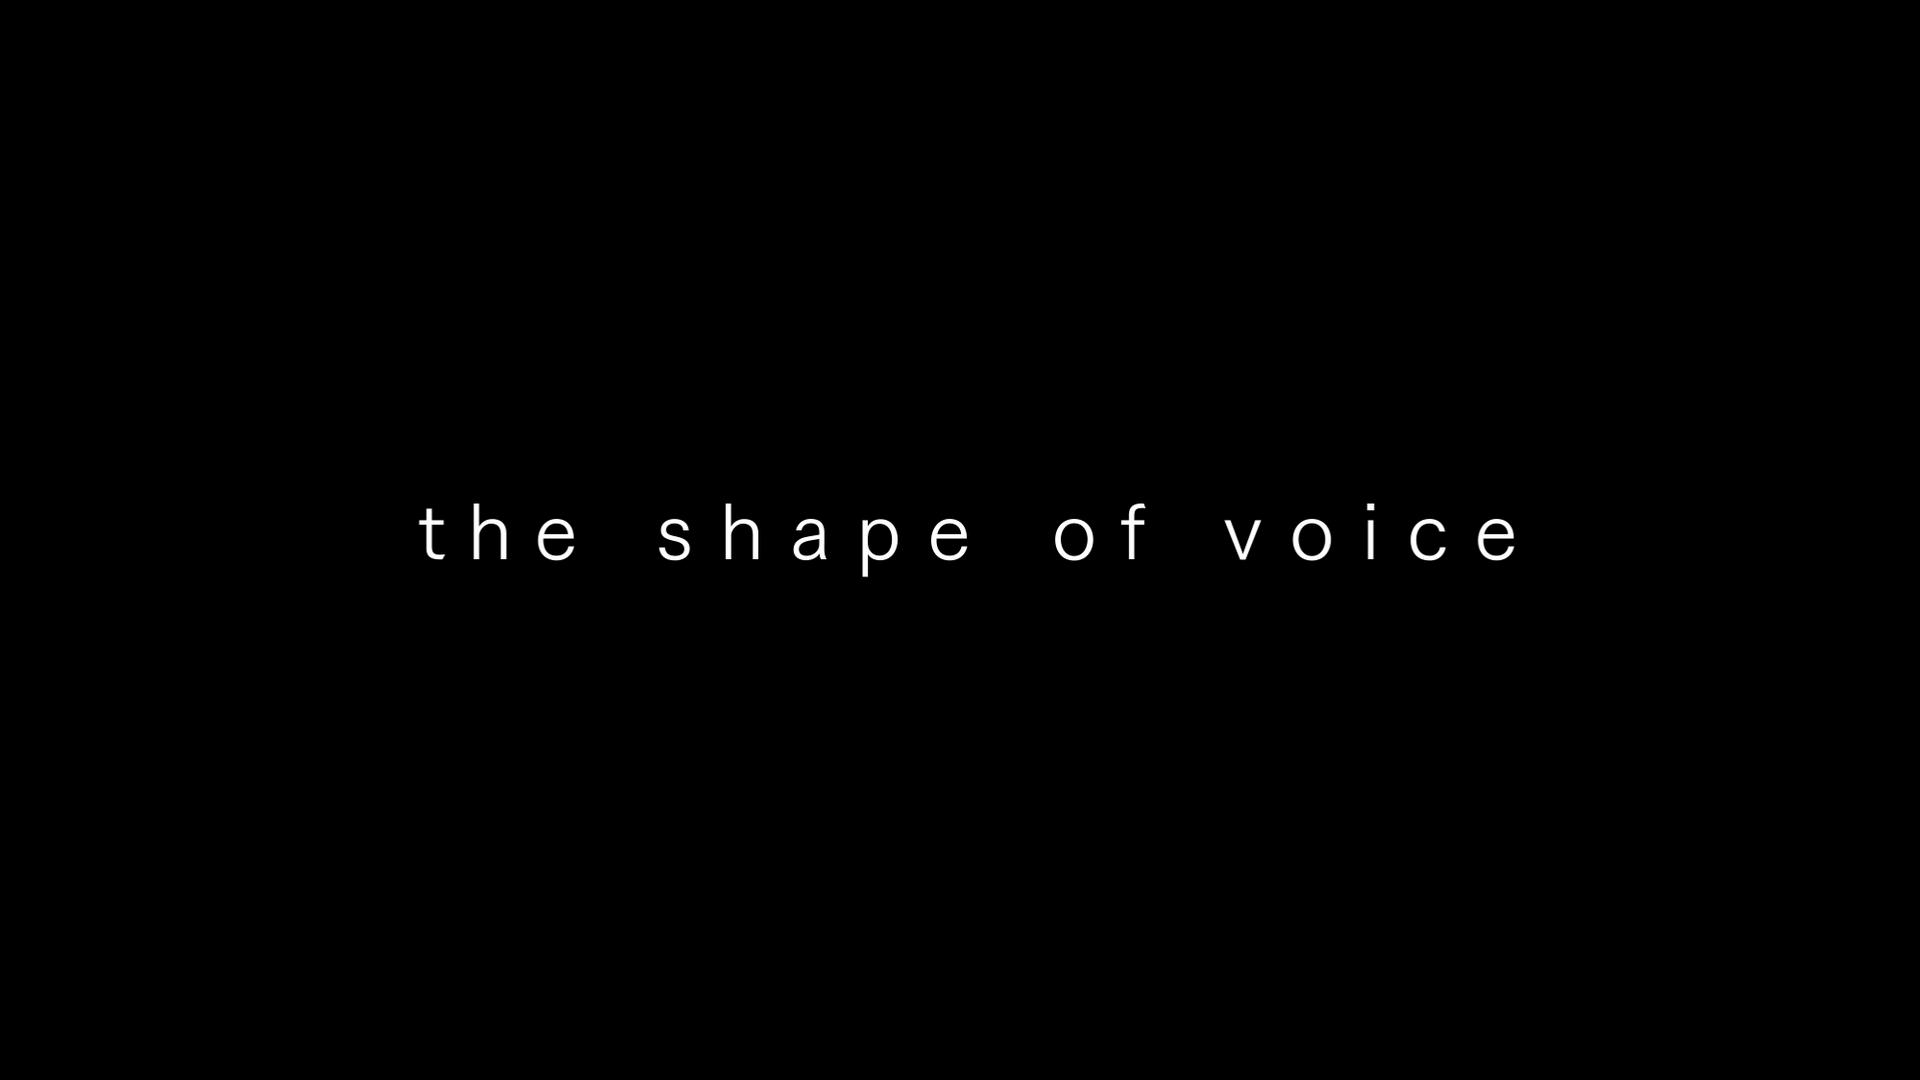 애니 블루레이 감상 - 목소리의 형태 (정발 한정판)